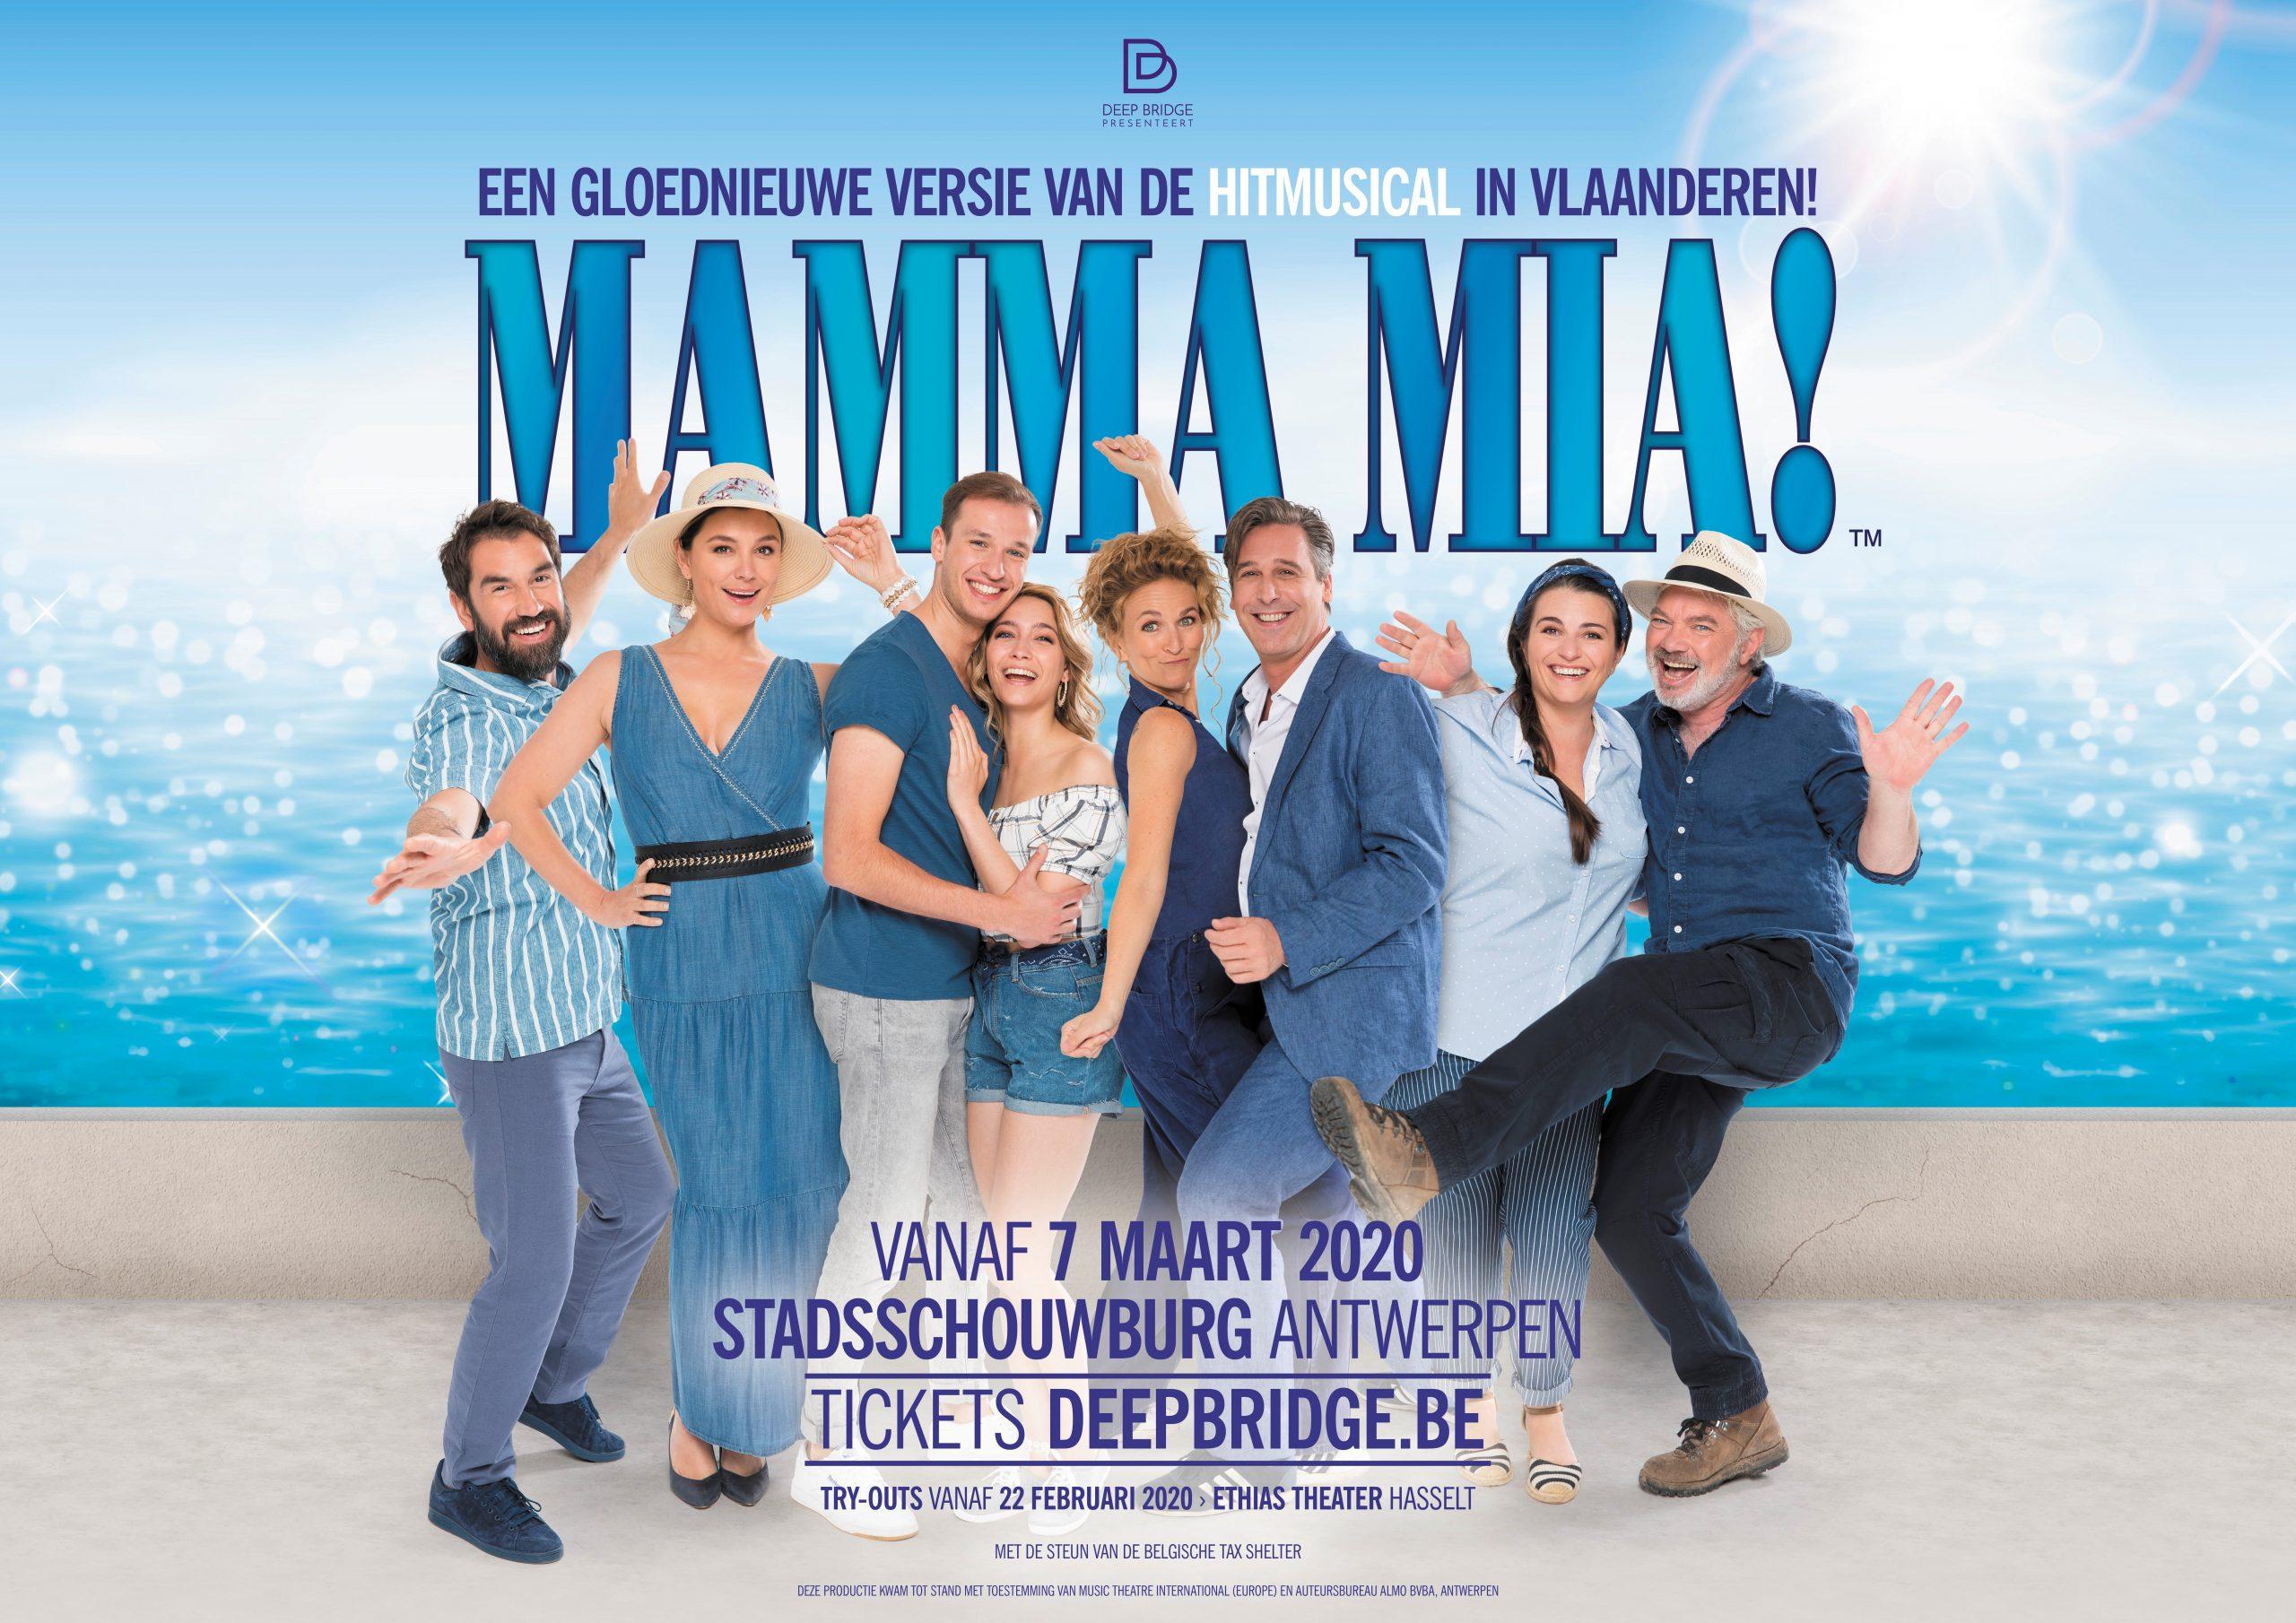 De MAMMA MIA!-cast is er klaar voor! - Affiche Mama Mia scaled